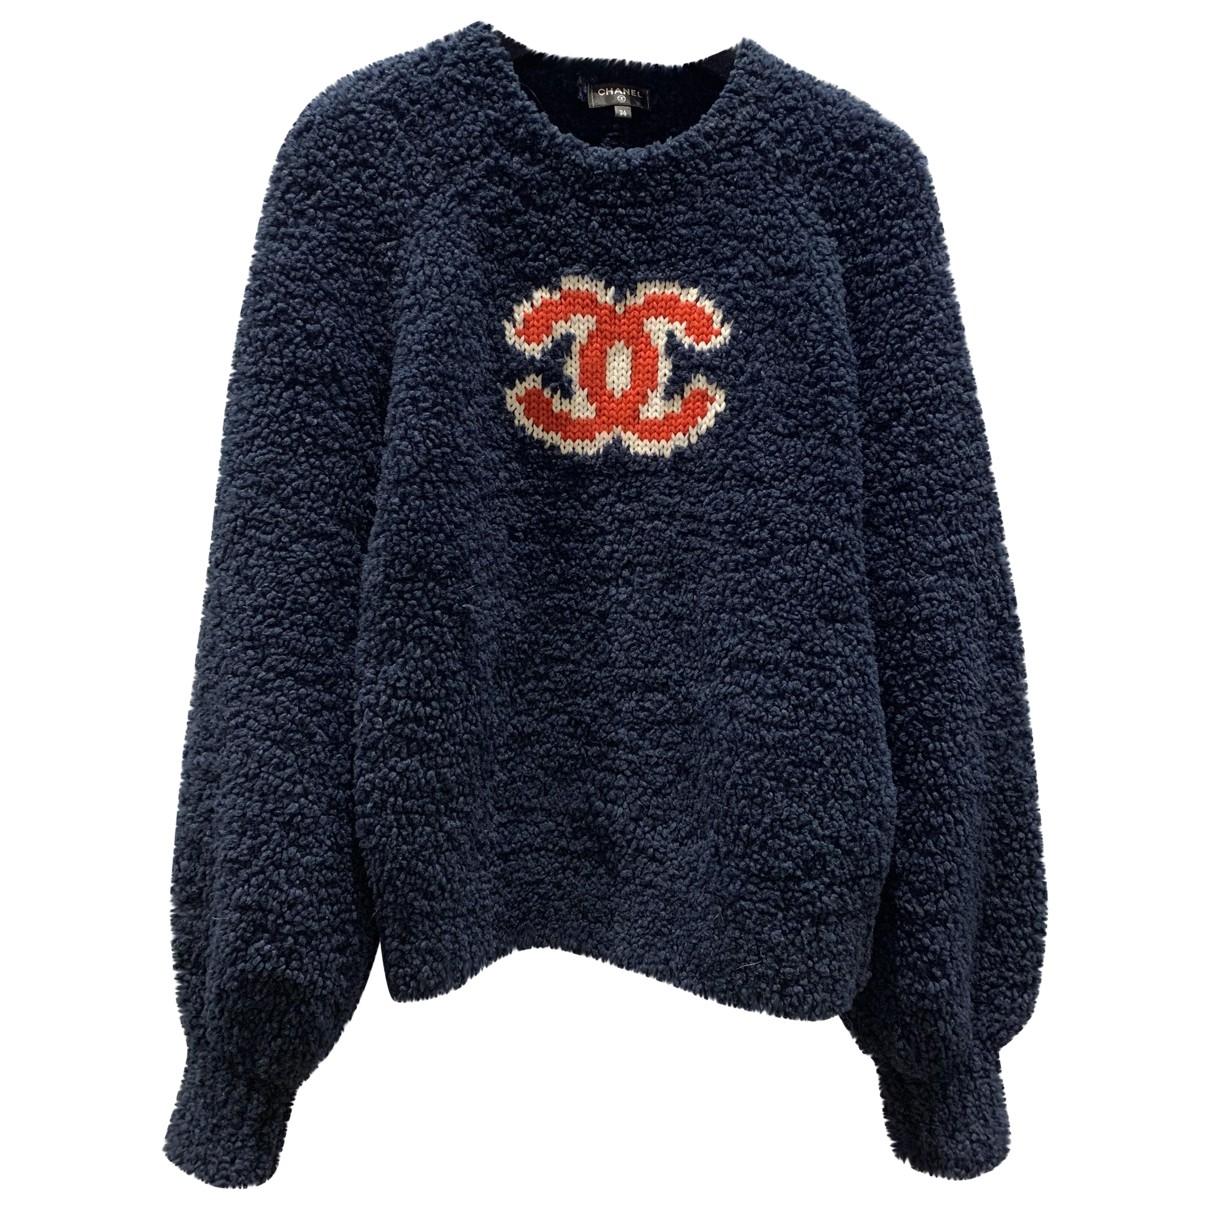 Chanel - Pull   pour femme en laine - marine